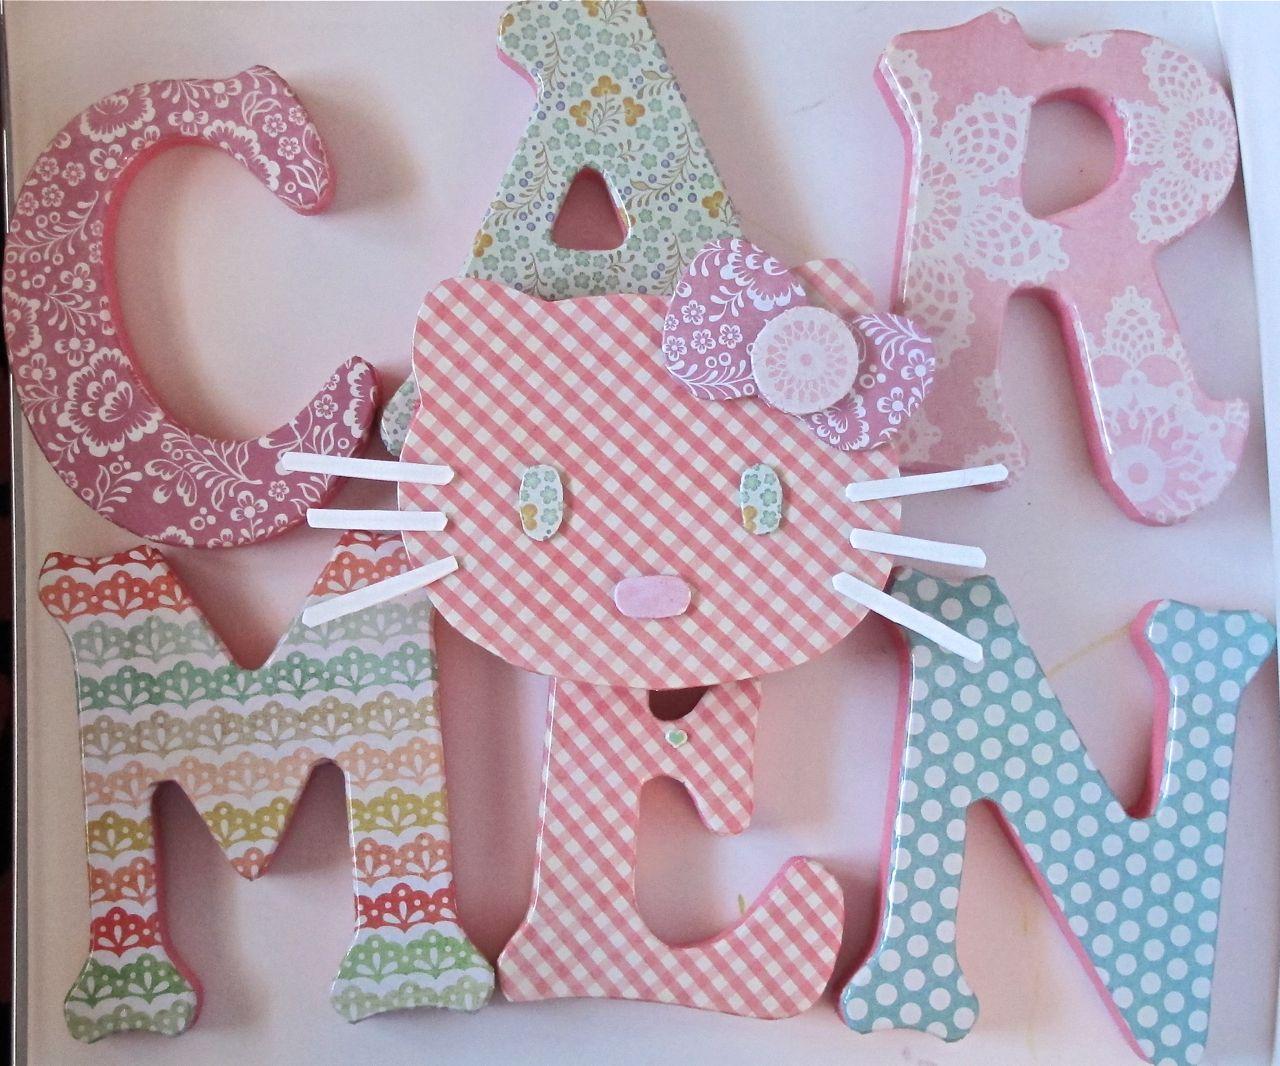 El jard n de los nombres carmen y su hello mitti - Letras para decorar habitacion infantil ...